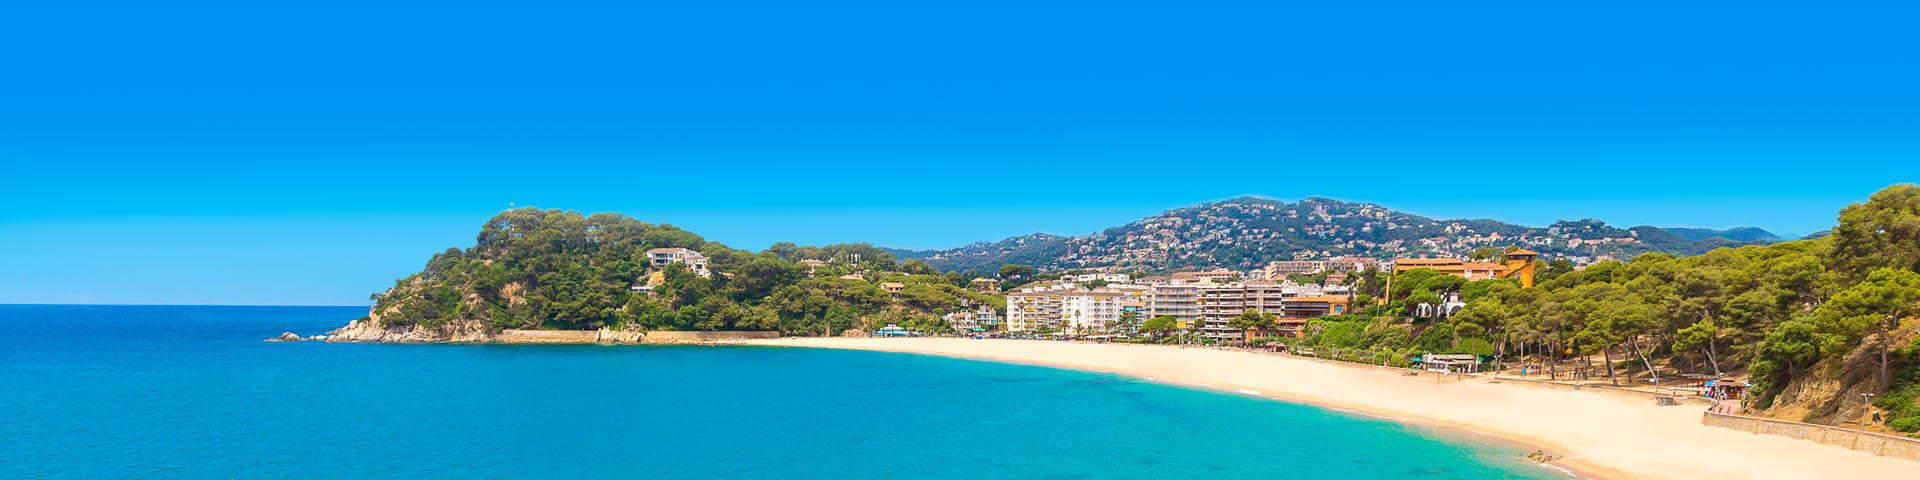 Uitzicht vanaf zee op het strand en Lloret de Mar